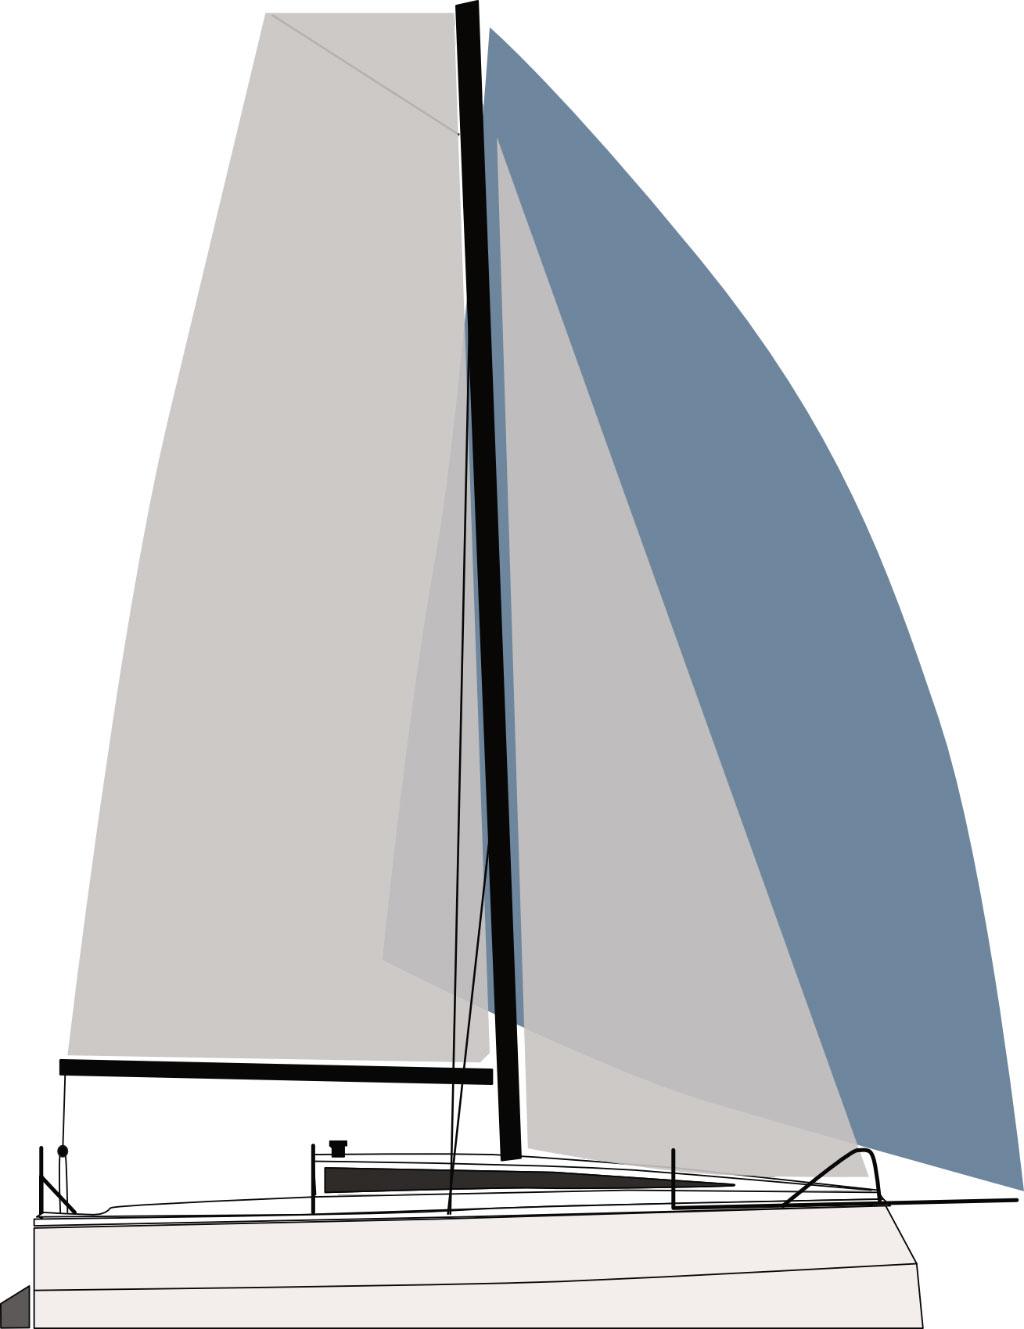 Astillero-Sarch